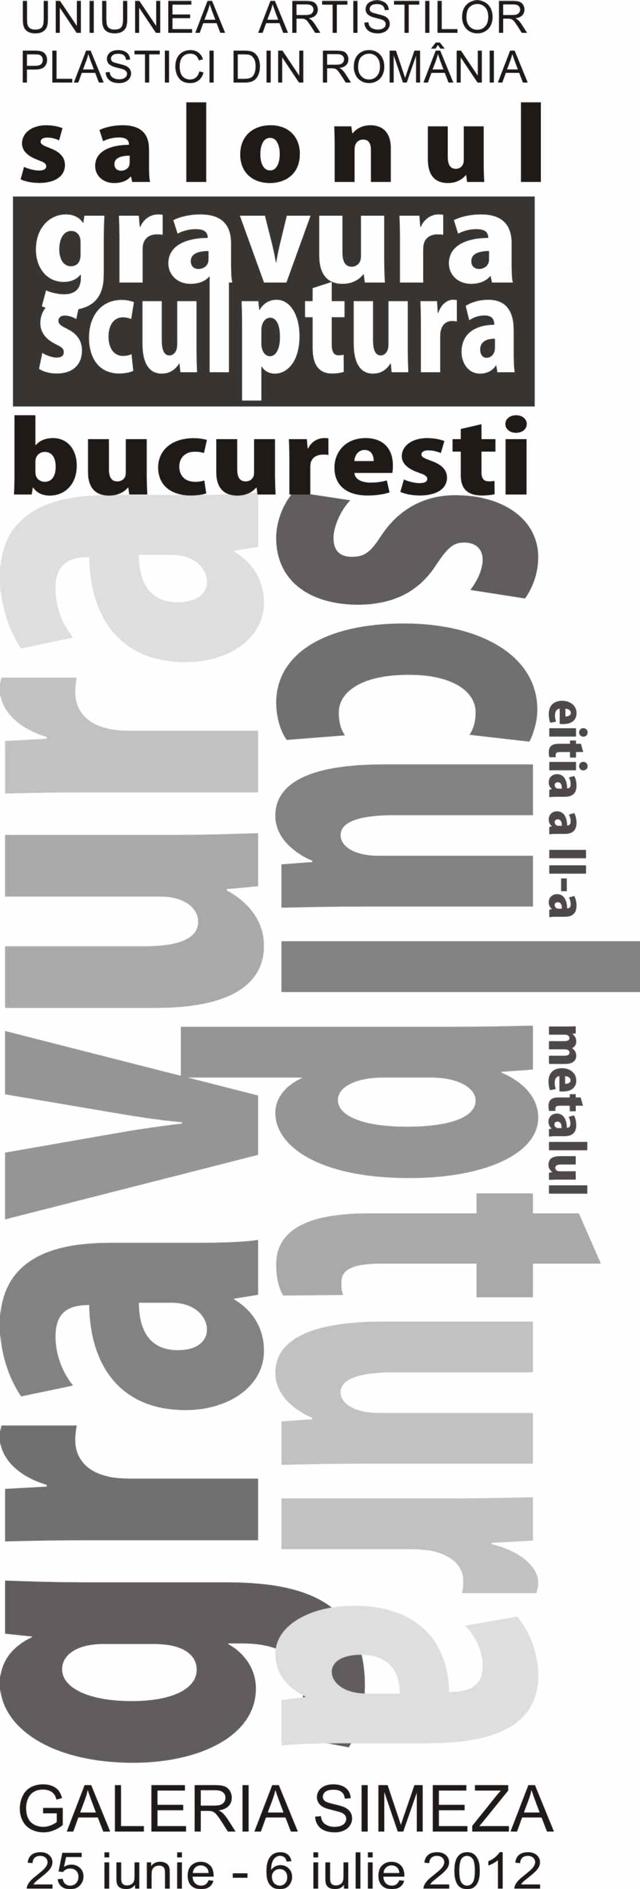 Salonul Gravură -Sculptură București 2012 Ediția a-II-a @ Galeria Simeza